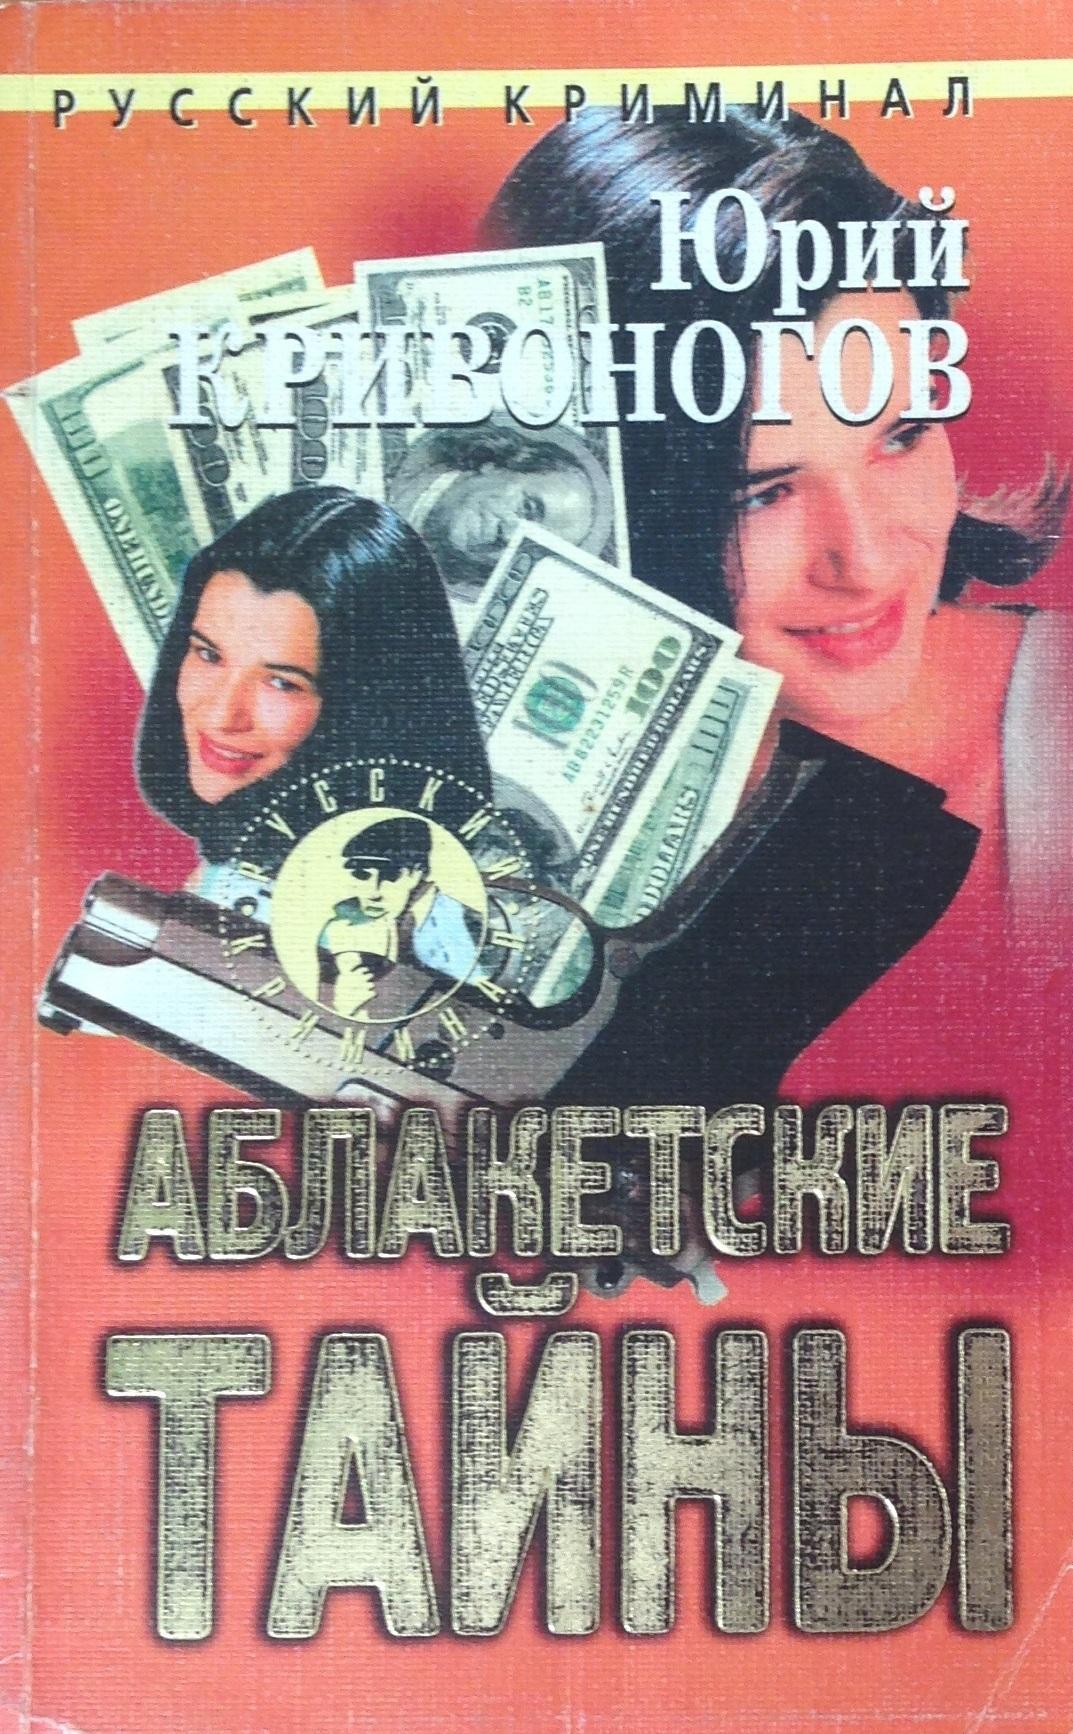 Ю. Кривоногов - Аблакетские тайны